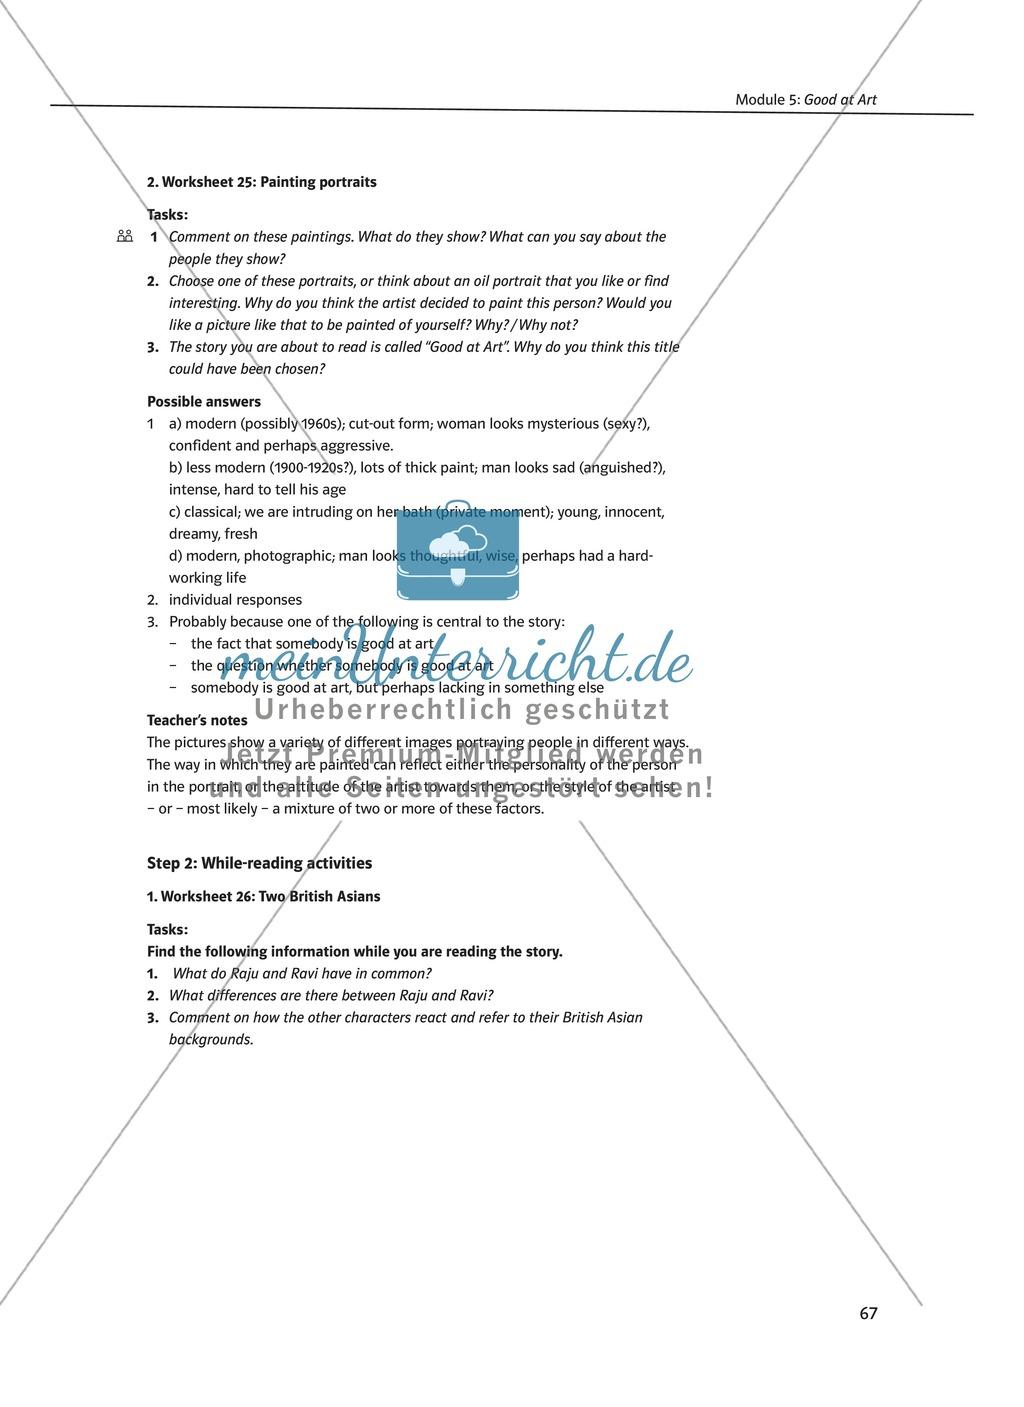 Good at Art: Zusammenfassung + Aufgaben + Arbeitsblätter Preview 2